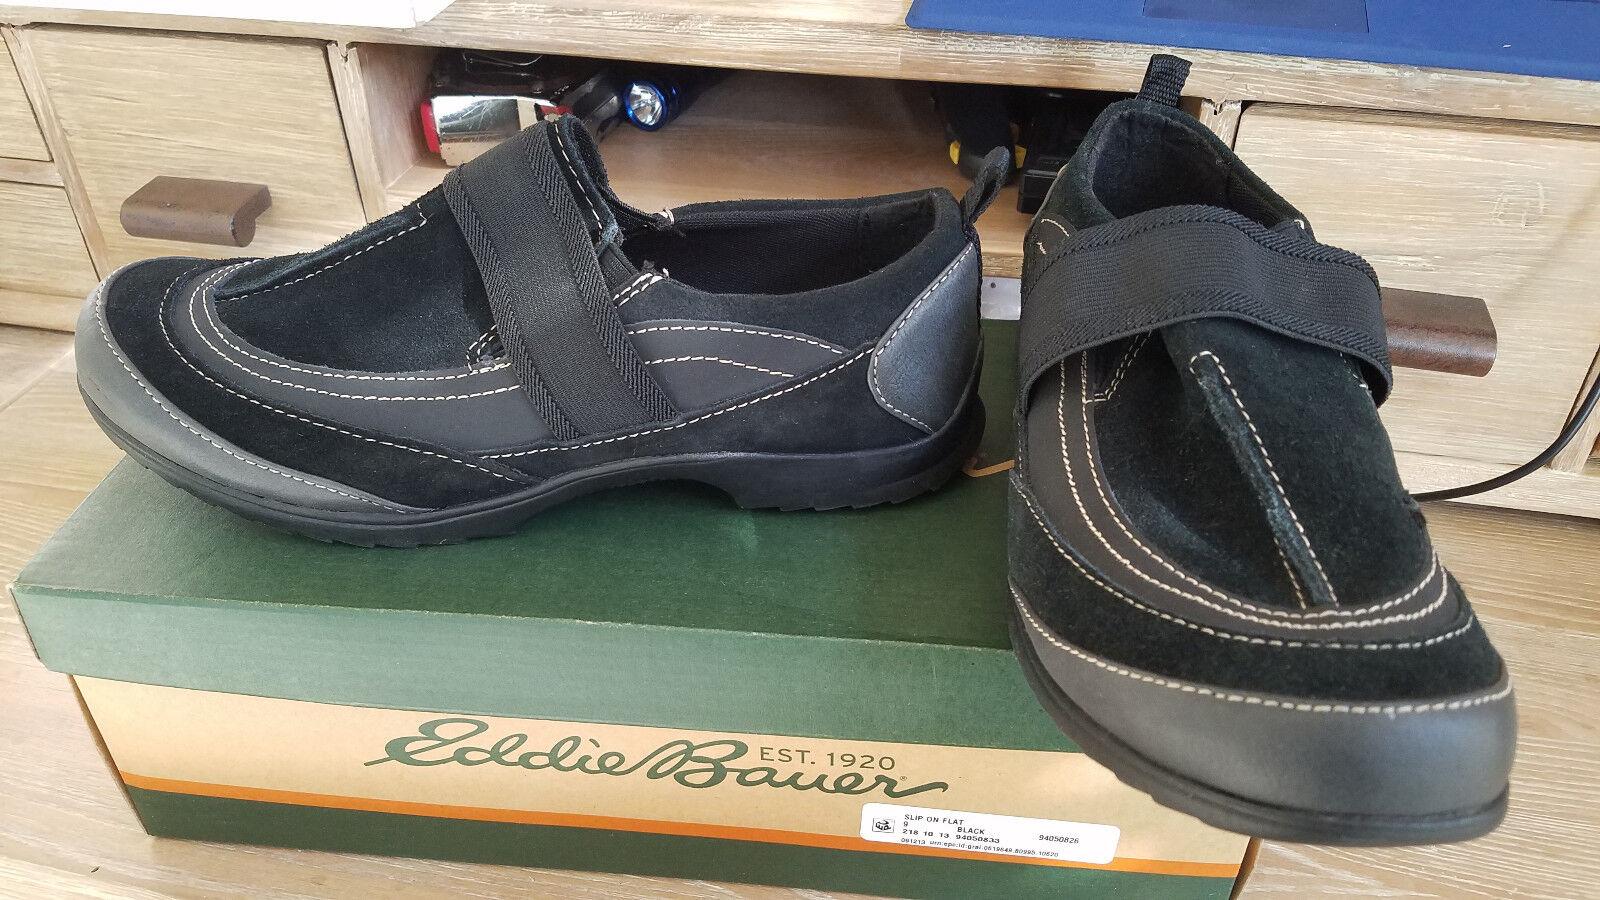 Eddie Bauer para Mujer FE Negro Resbalón en Zapatos Tallas Tallas Tallas   nuevo En Caja  comprar ahora